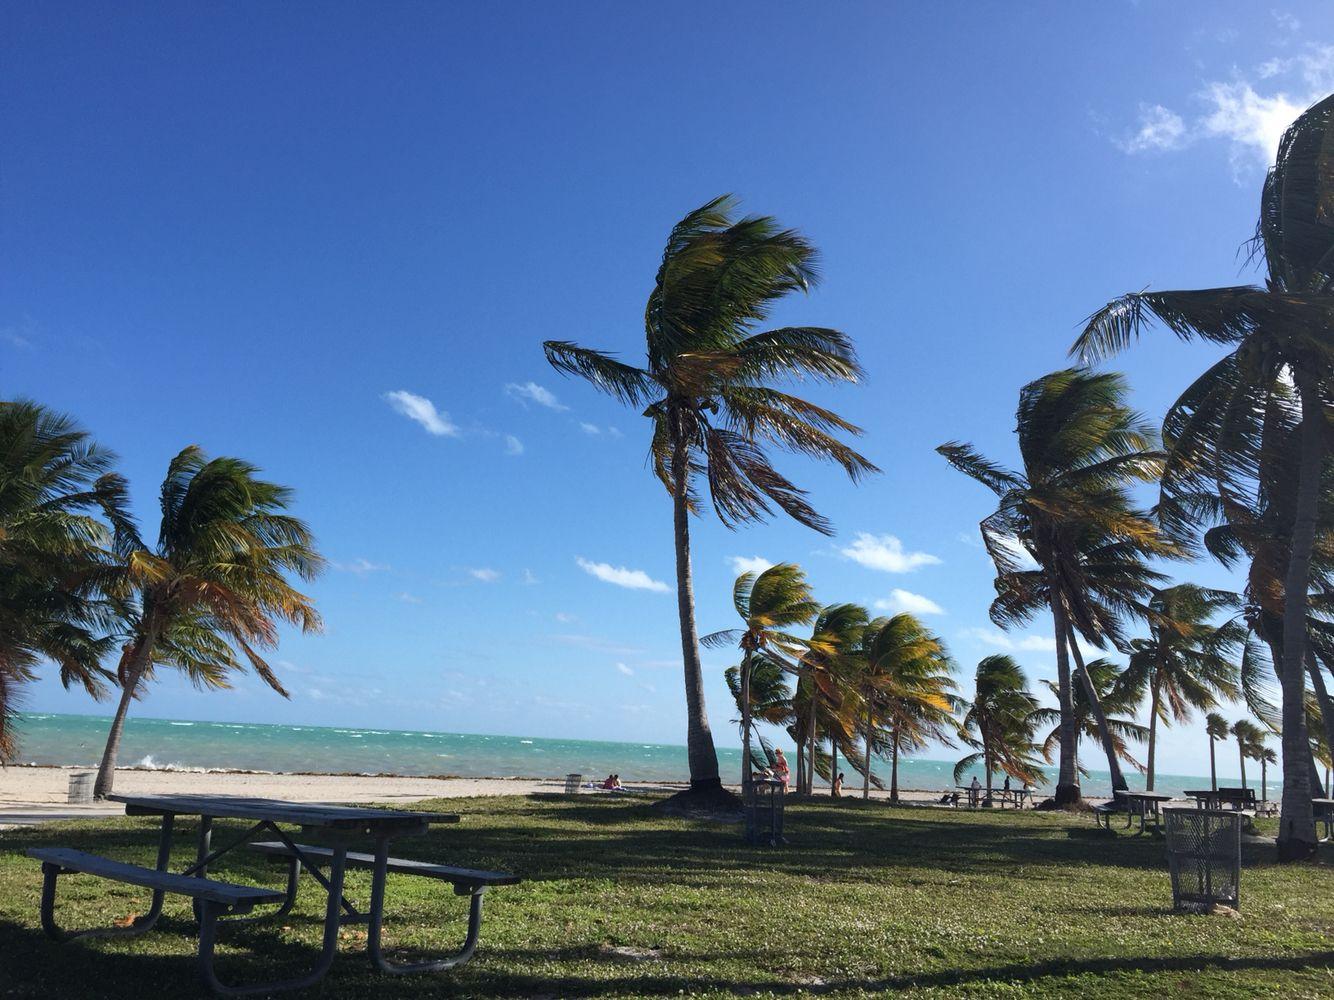 Playa De Los Cocoteros Key Biscayne Playa Cocotero